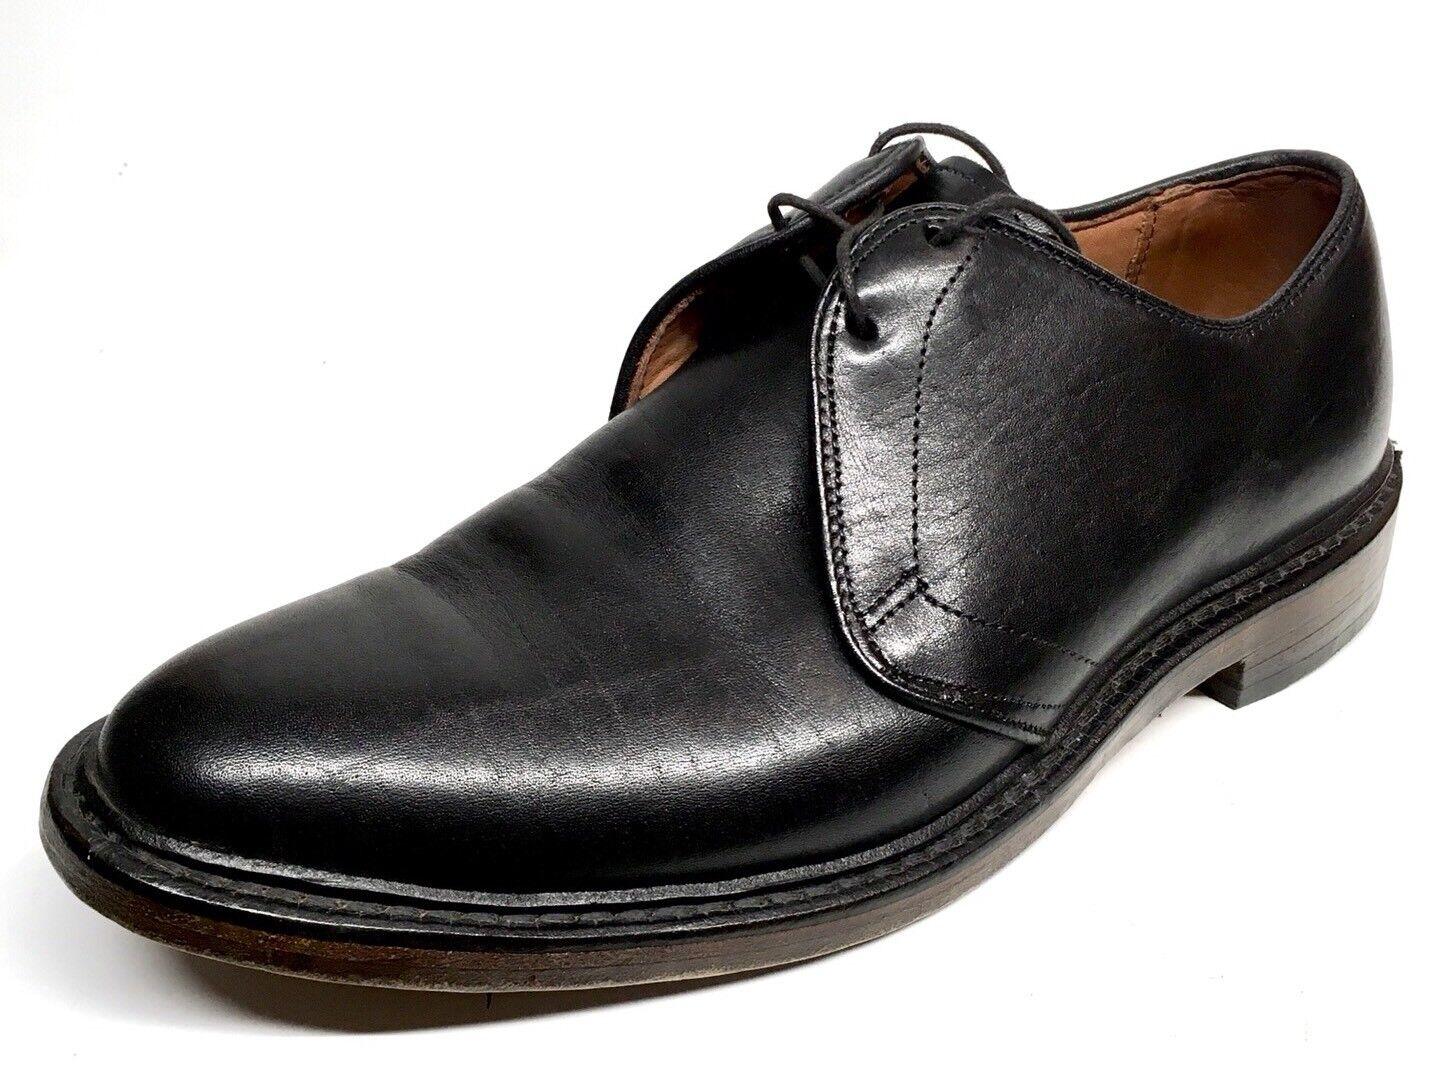 Sz. 7.5 ALLEN EDMONDS Jodox Negro Cuero D Derby Zapatos Para Hombre Hecho en EE. UU.